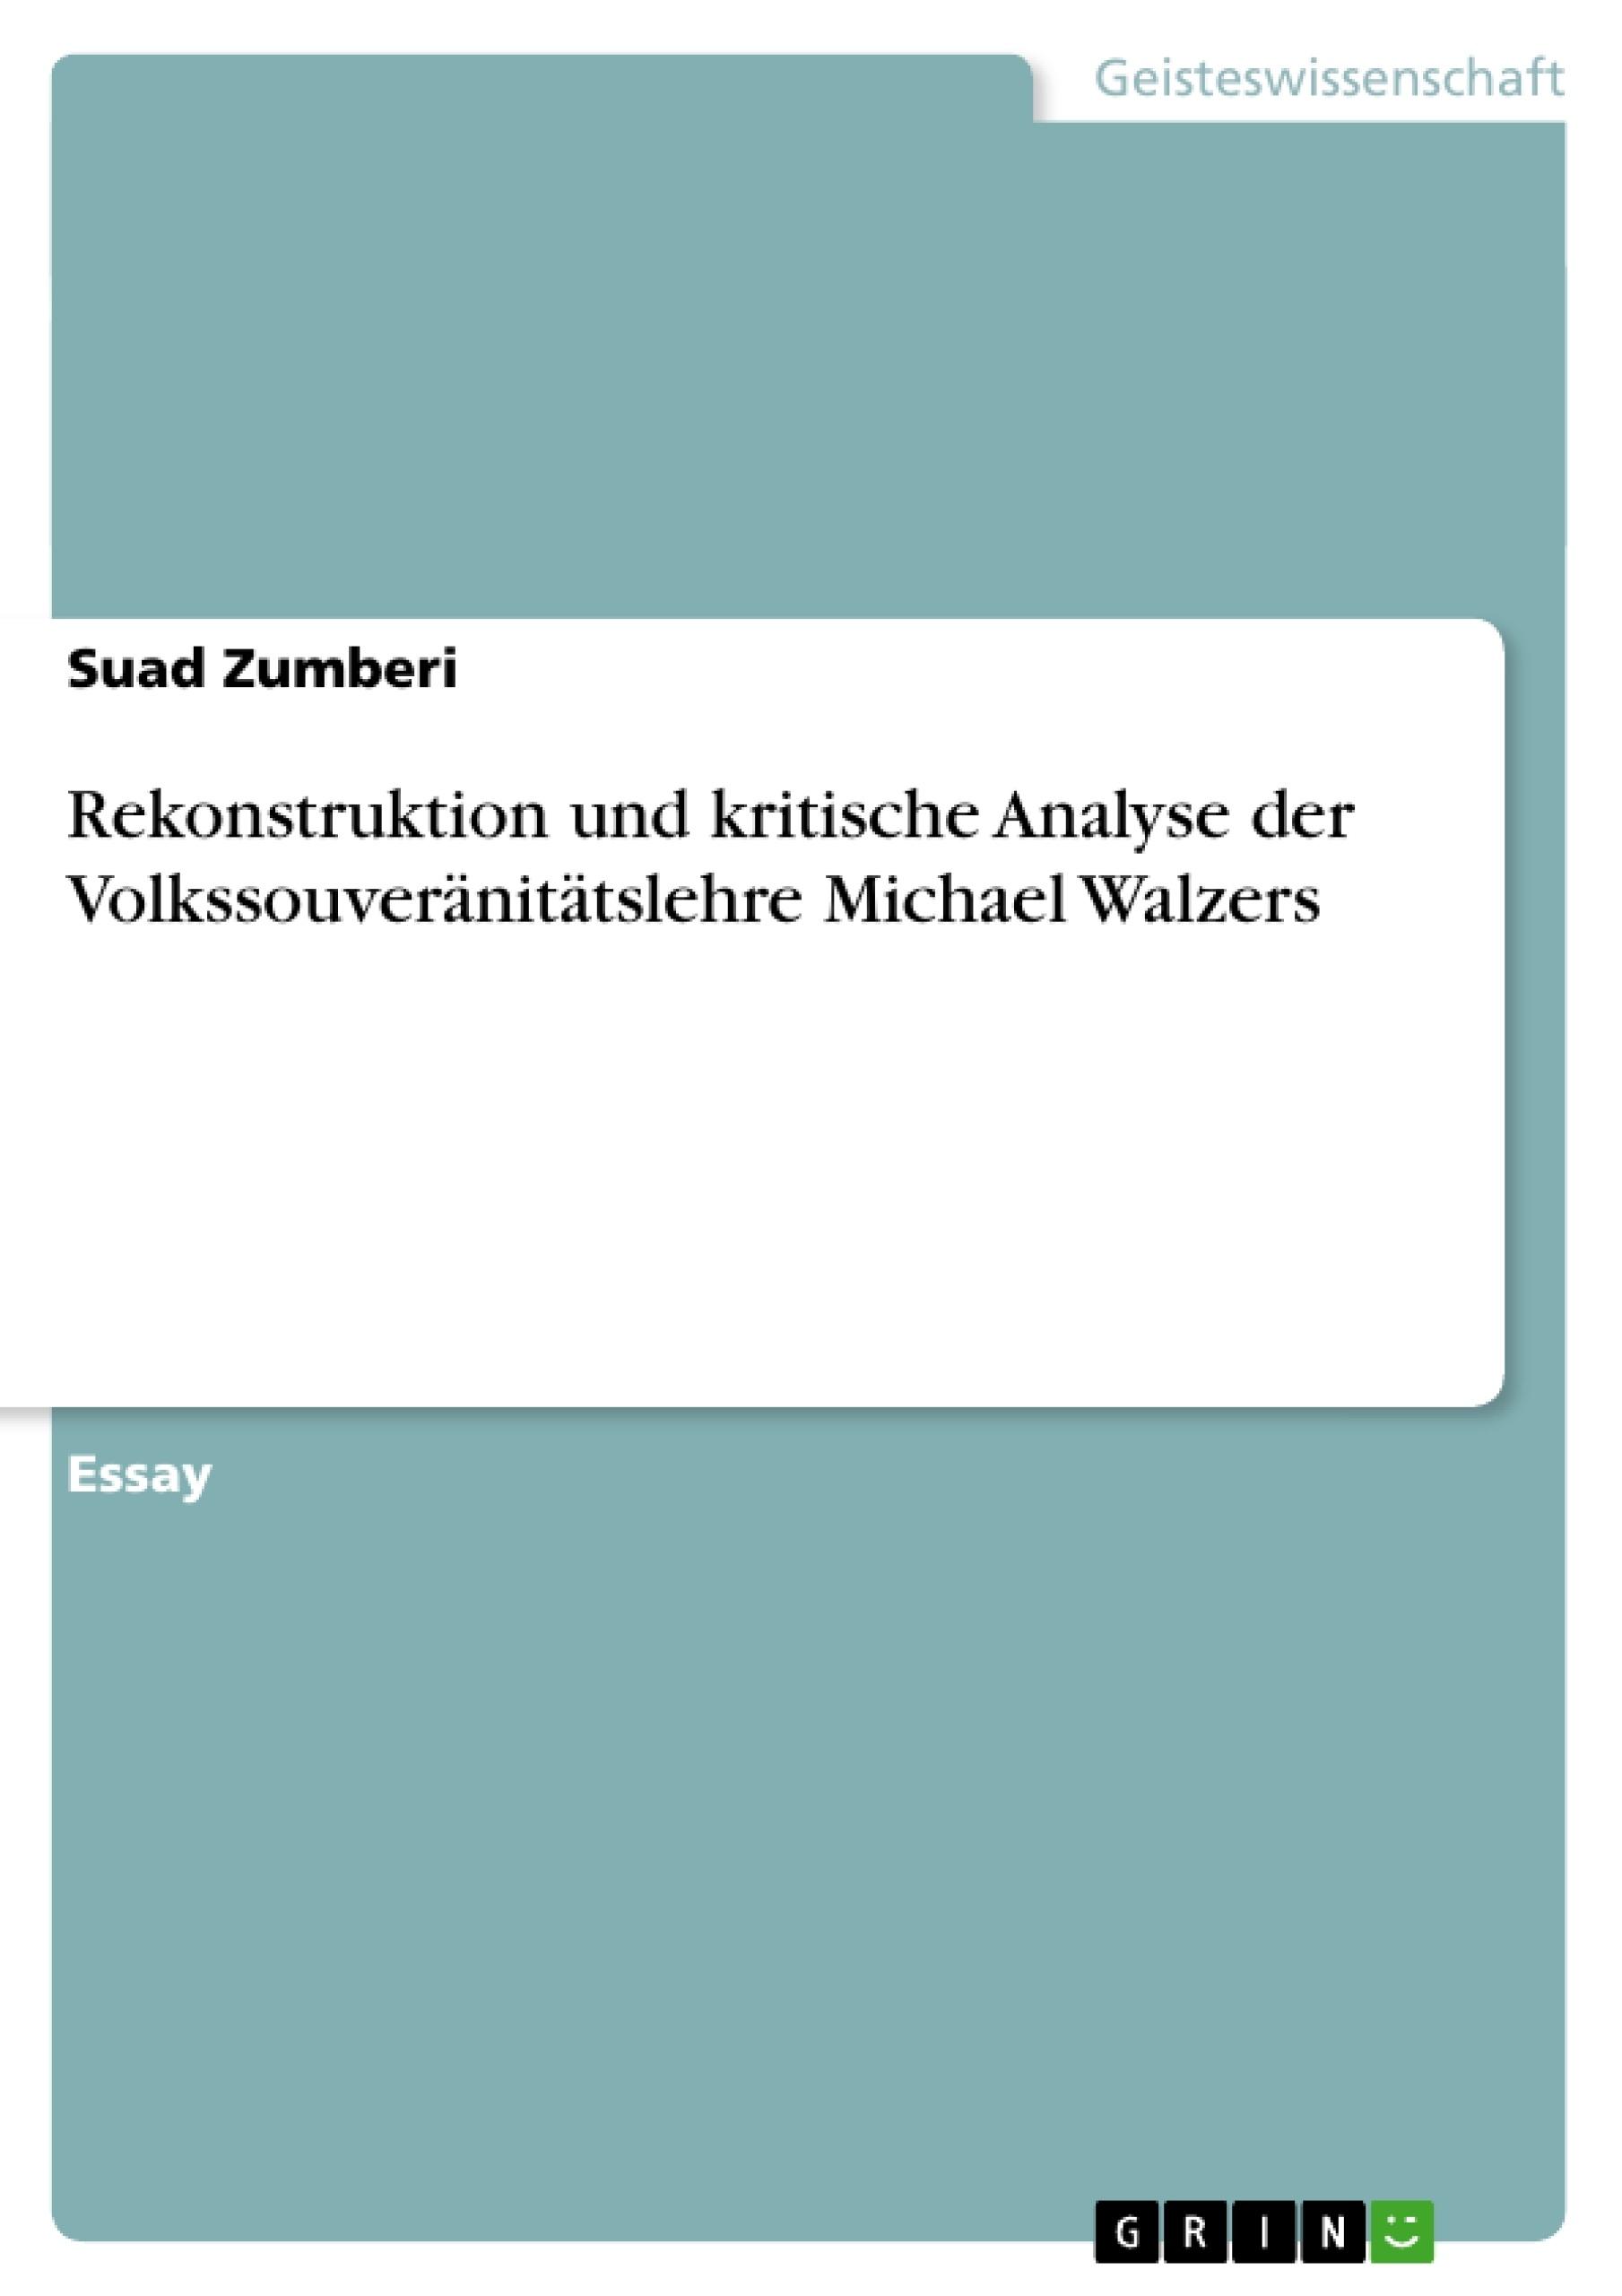 Titel: Rekonstruktion und kritische Analyse der Volkssouveränitätslehre Michael Walzers